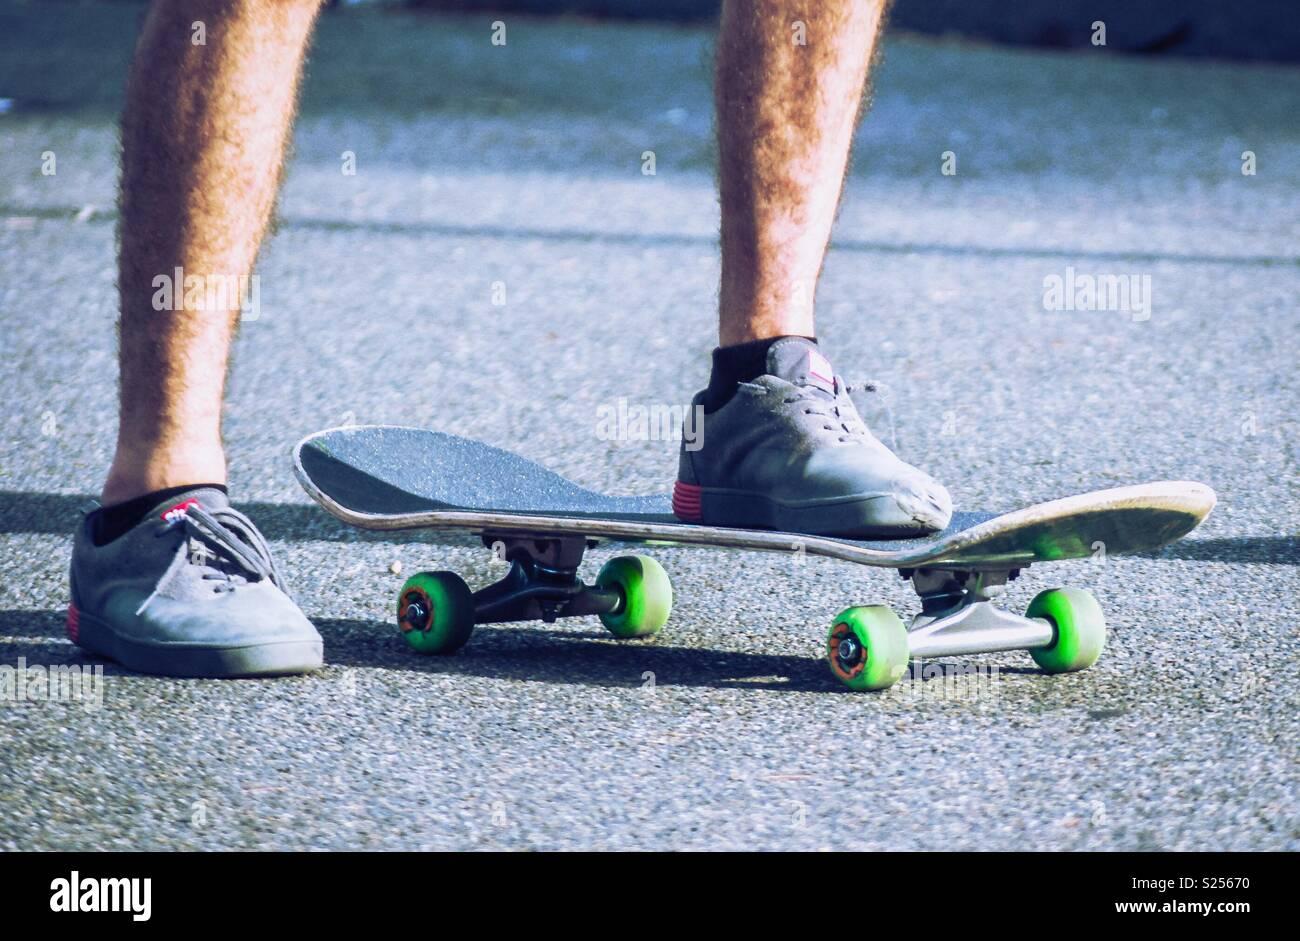 Jovem de skate Imagens de Stock